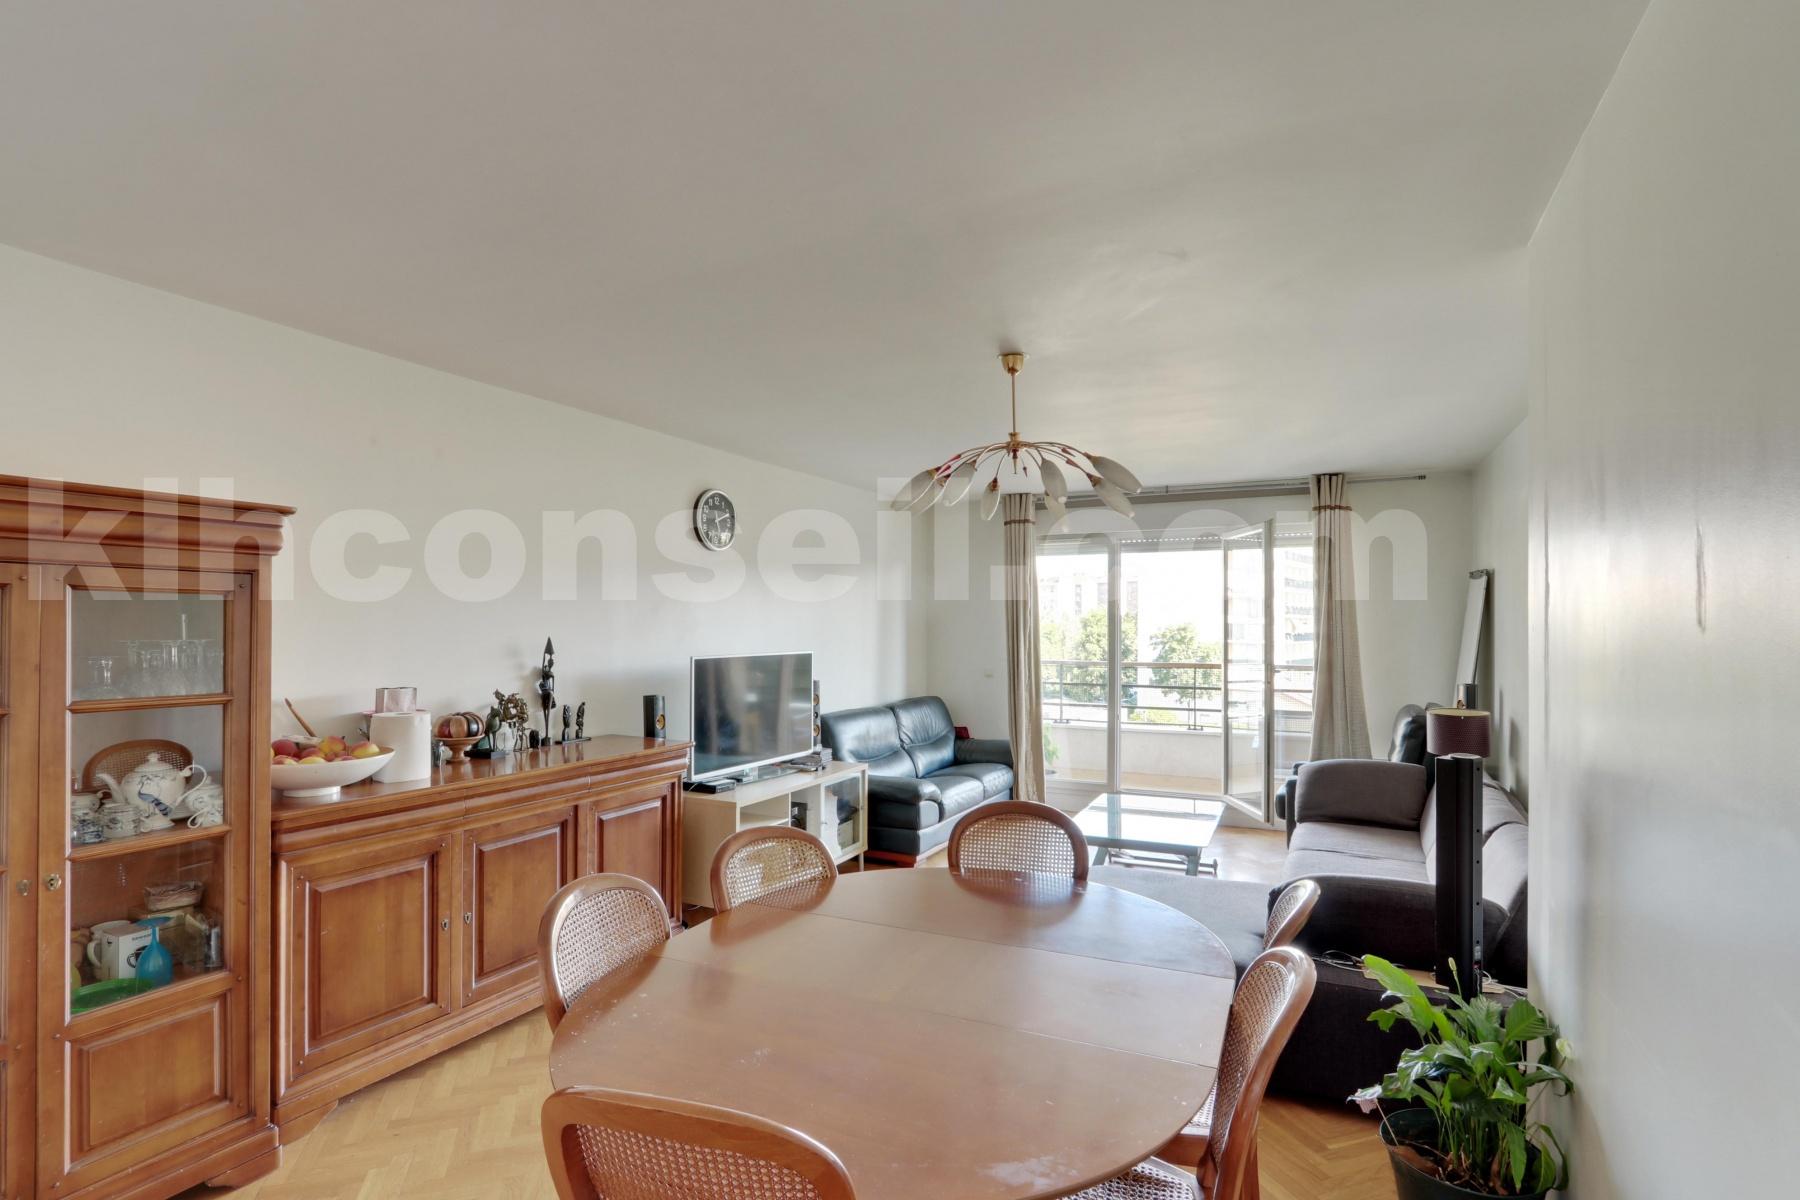 Vente Appartement de 4 pièces 89 m² - COLOMBES 92700 | KLH Conseil -  photo4